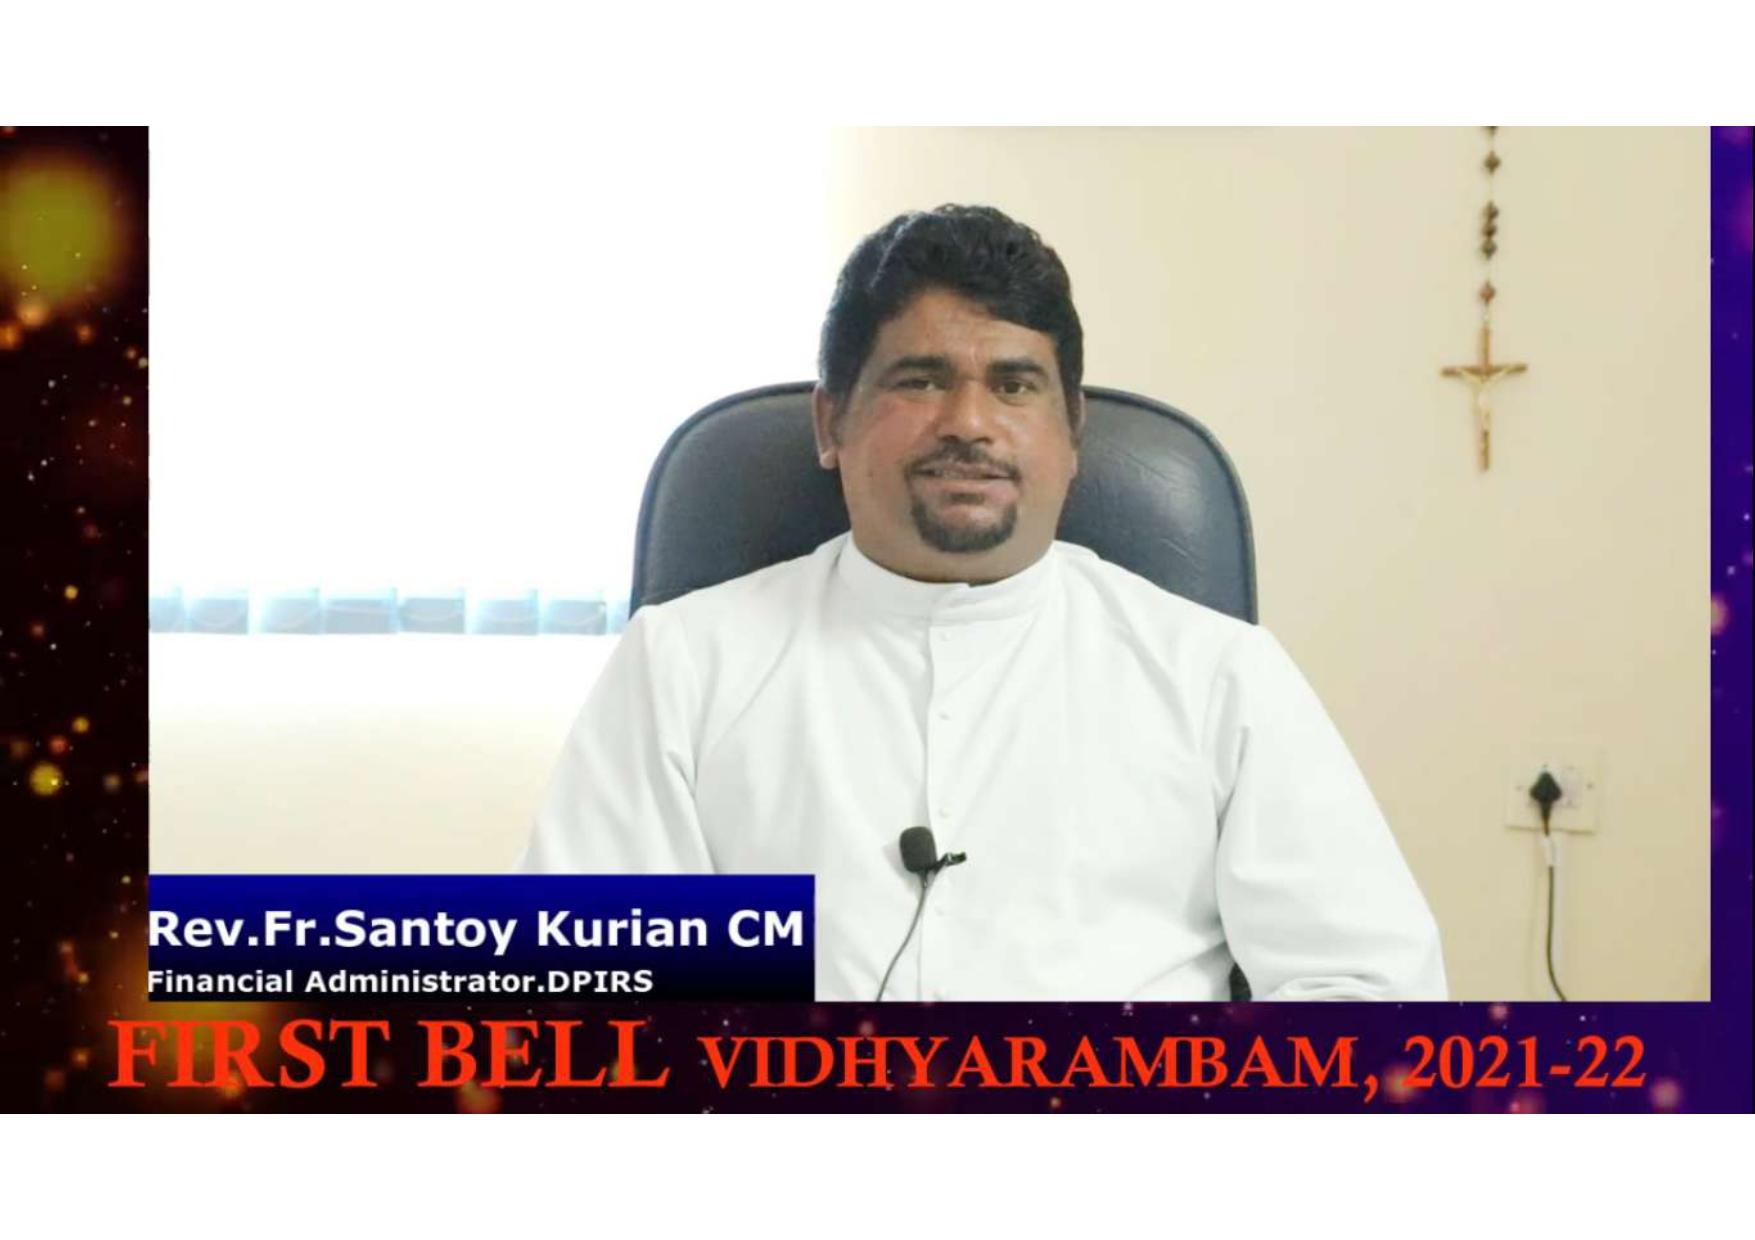 FIRST BELL - VIDHYARAMBAM 2021-2022